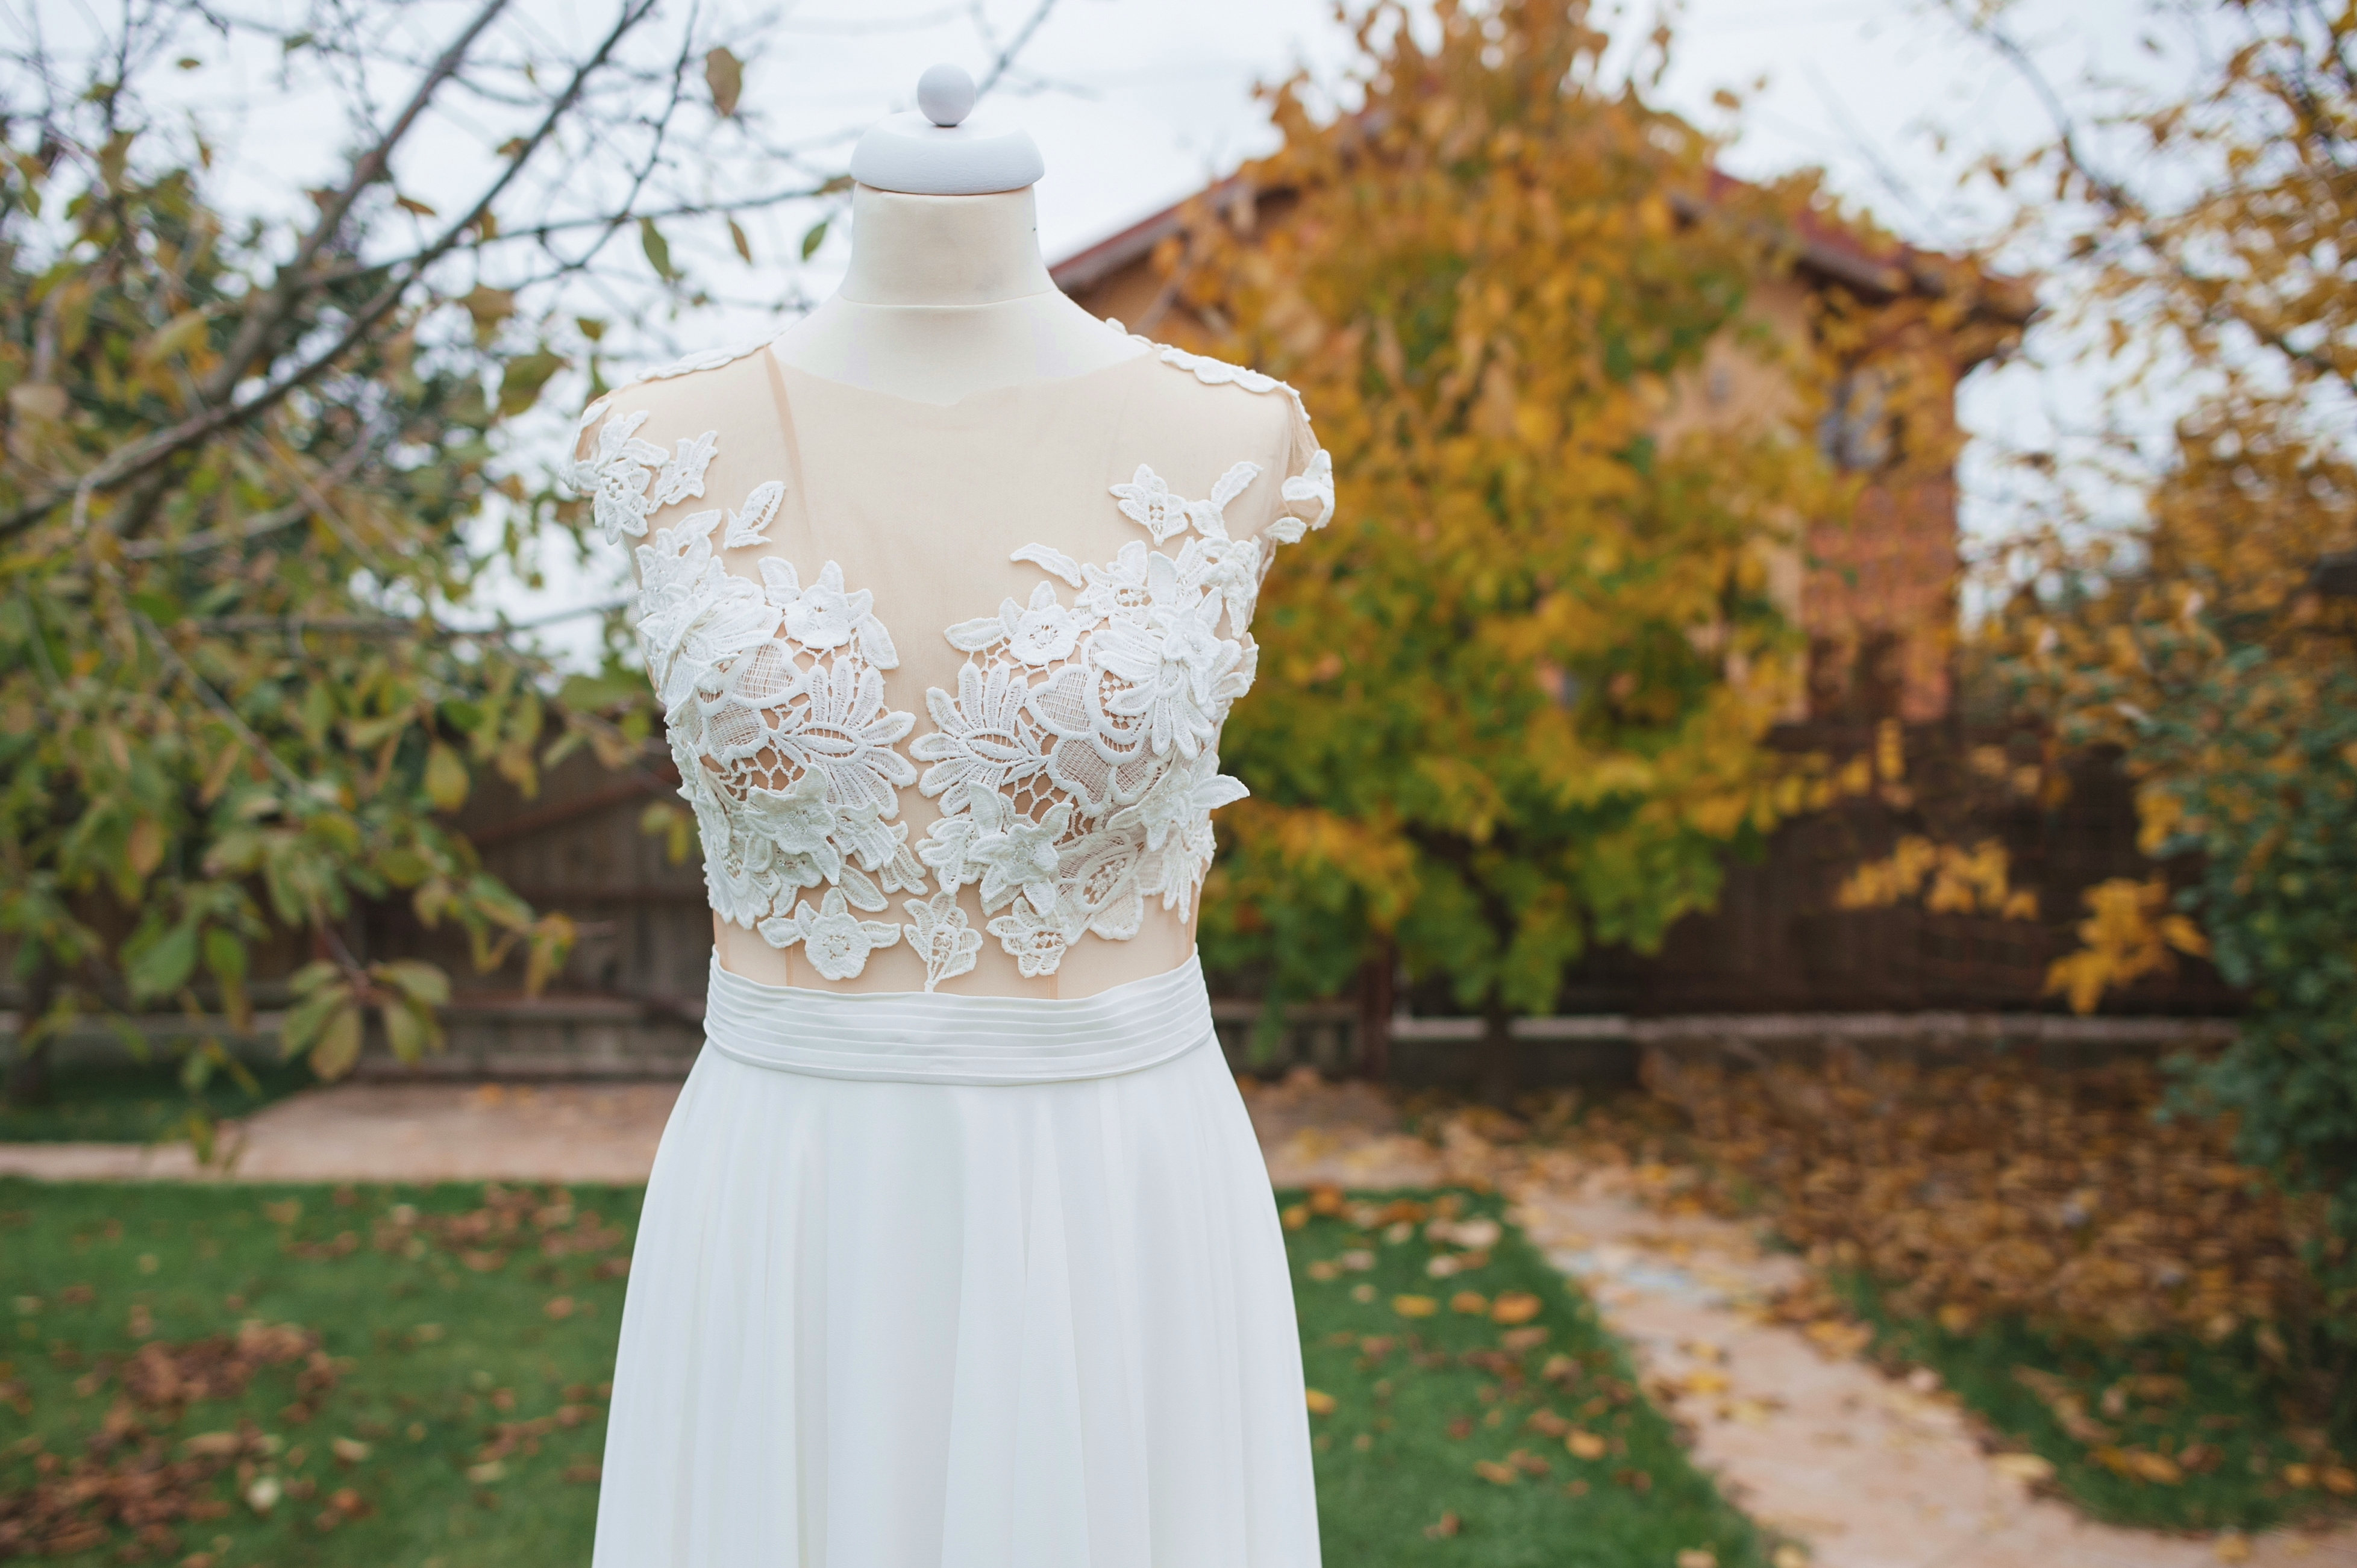 Fotograf profesionist de nunta, nunta, fotograf profesionist, fotograf Bucuresti, fotograf de nunta, richie de mireasa si decor de frunze galbene, nunta in octombrie, frunze galbene